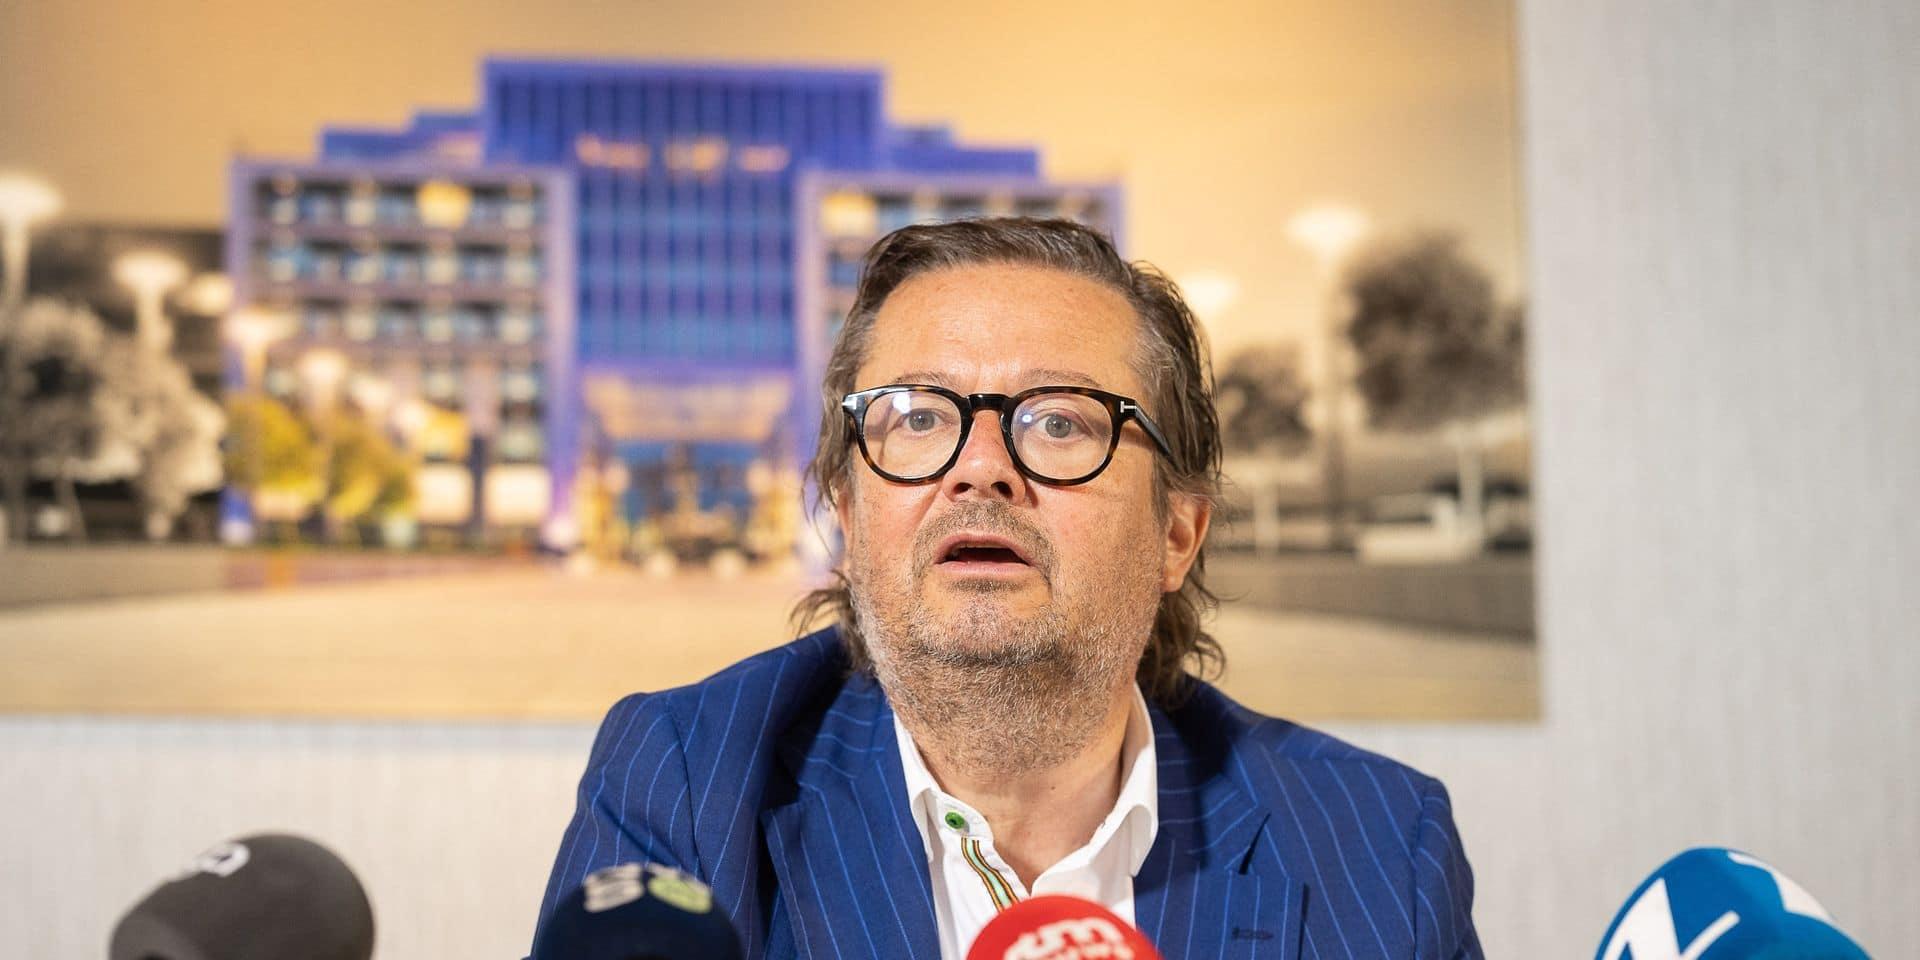 """""""Heureux et triste à la fois"""": Marc Coucke réagit après l'inculpation des anciens dirigeants du RSCA"""